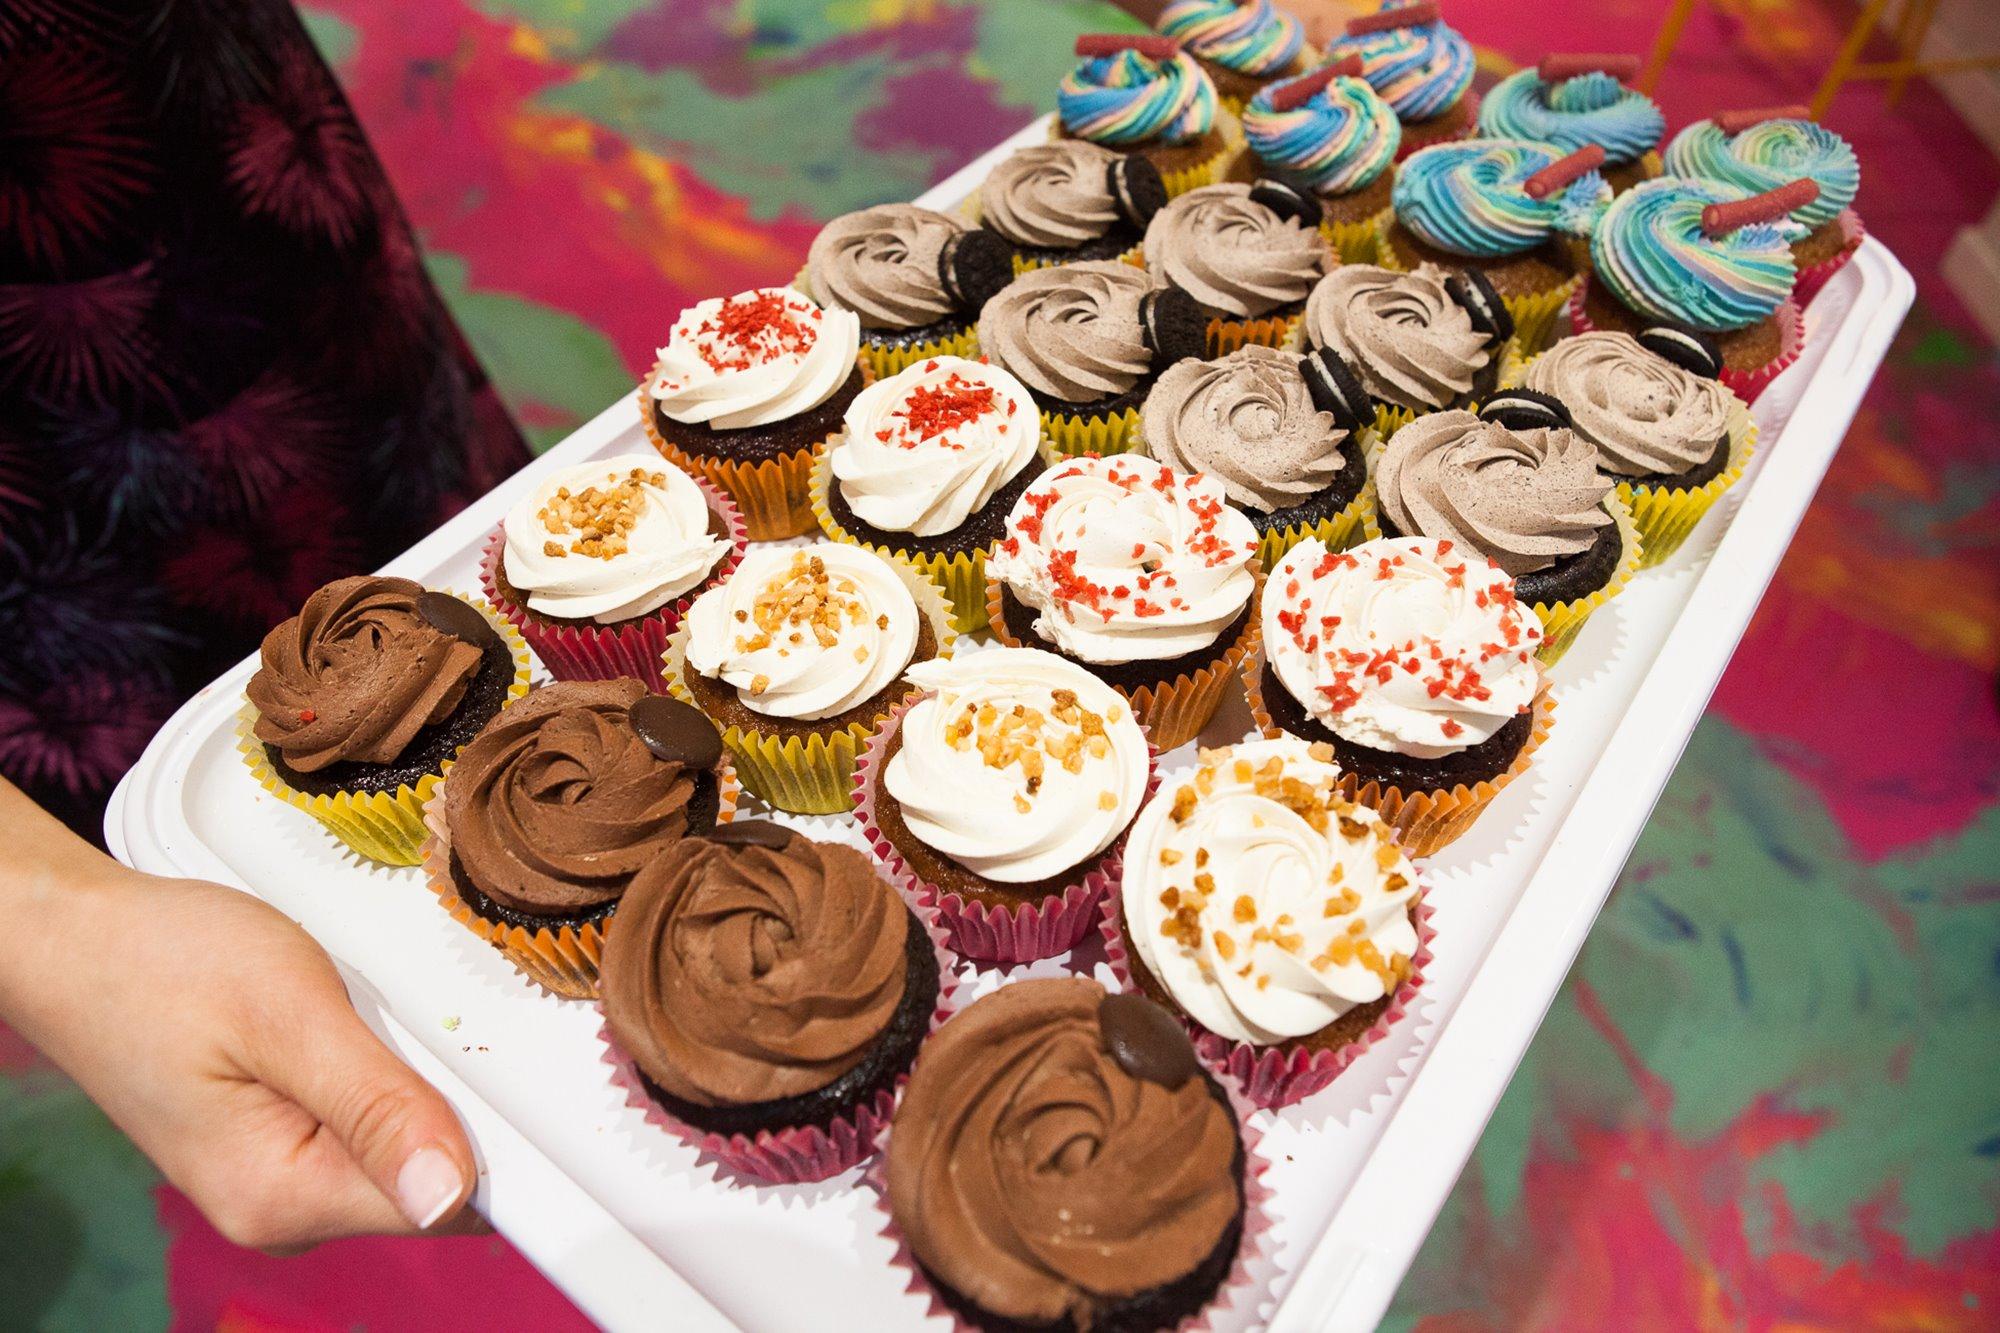 En 'Freedom Cakes' también se preparan dulces por encargo.